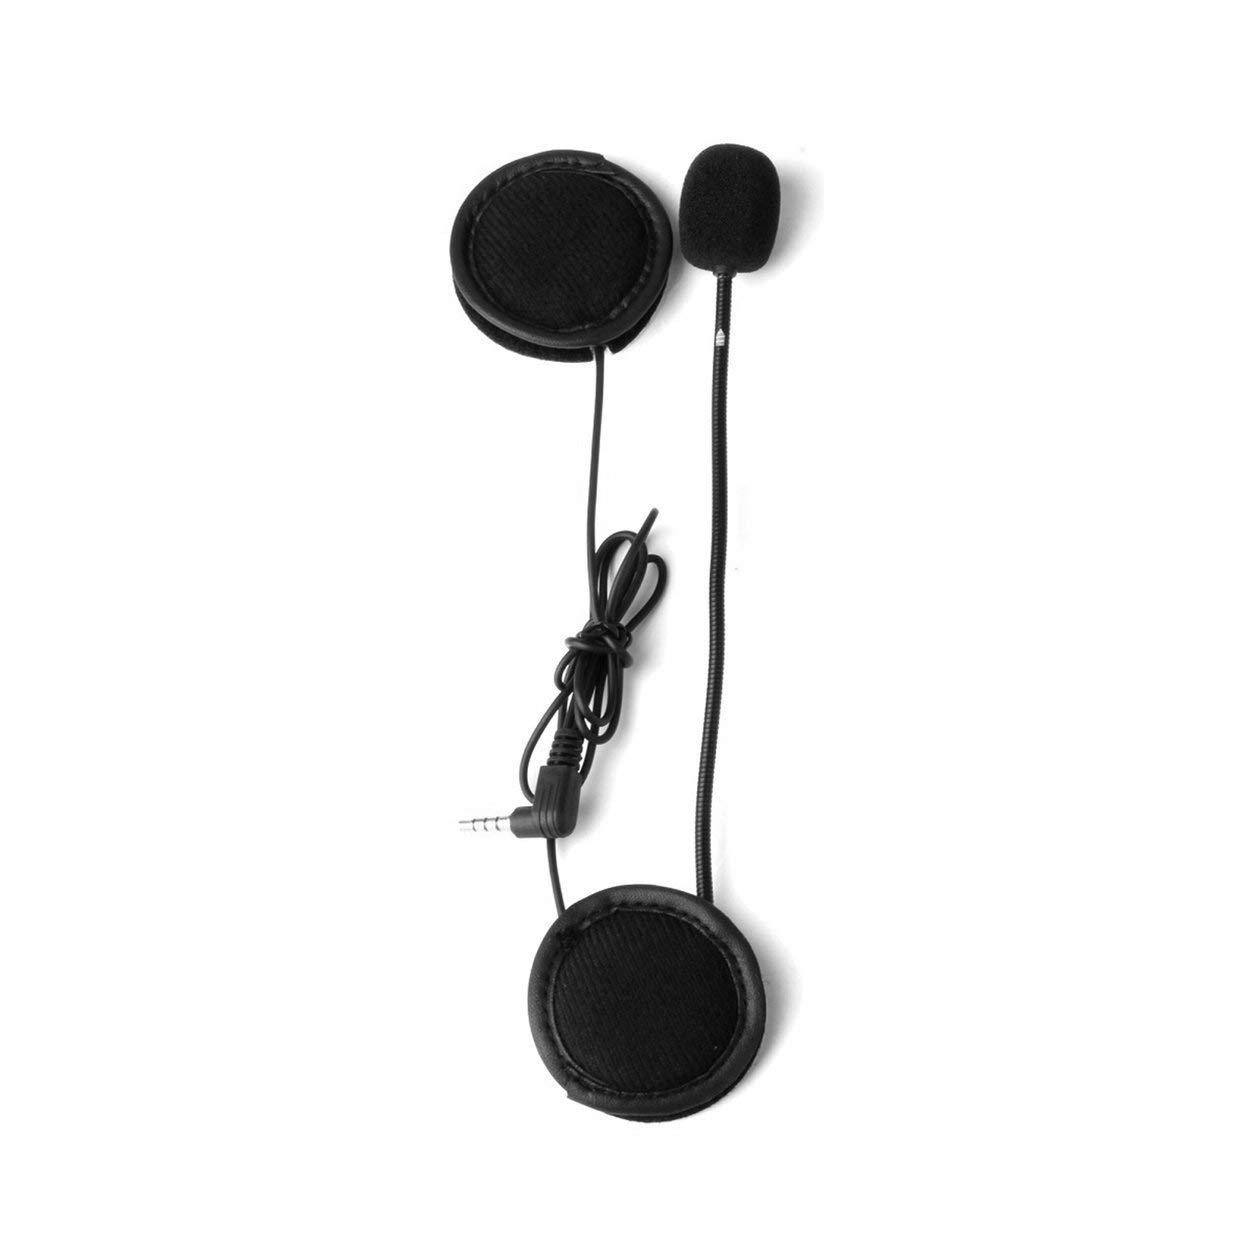 V6 Interphone Universal del Receptor de Cabeza del intercomunicador del Casco Clip para el Dispositivo Bluetooth de la Motocicleta Dailyinshop Micr/ófono Altavoz Auricular V4